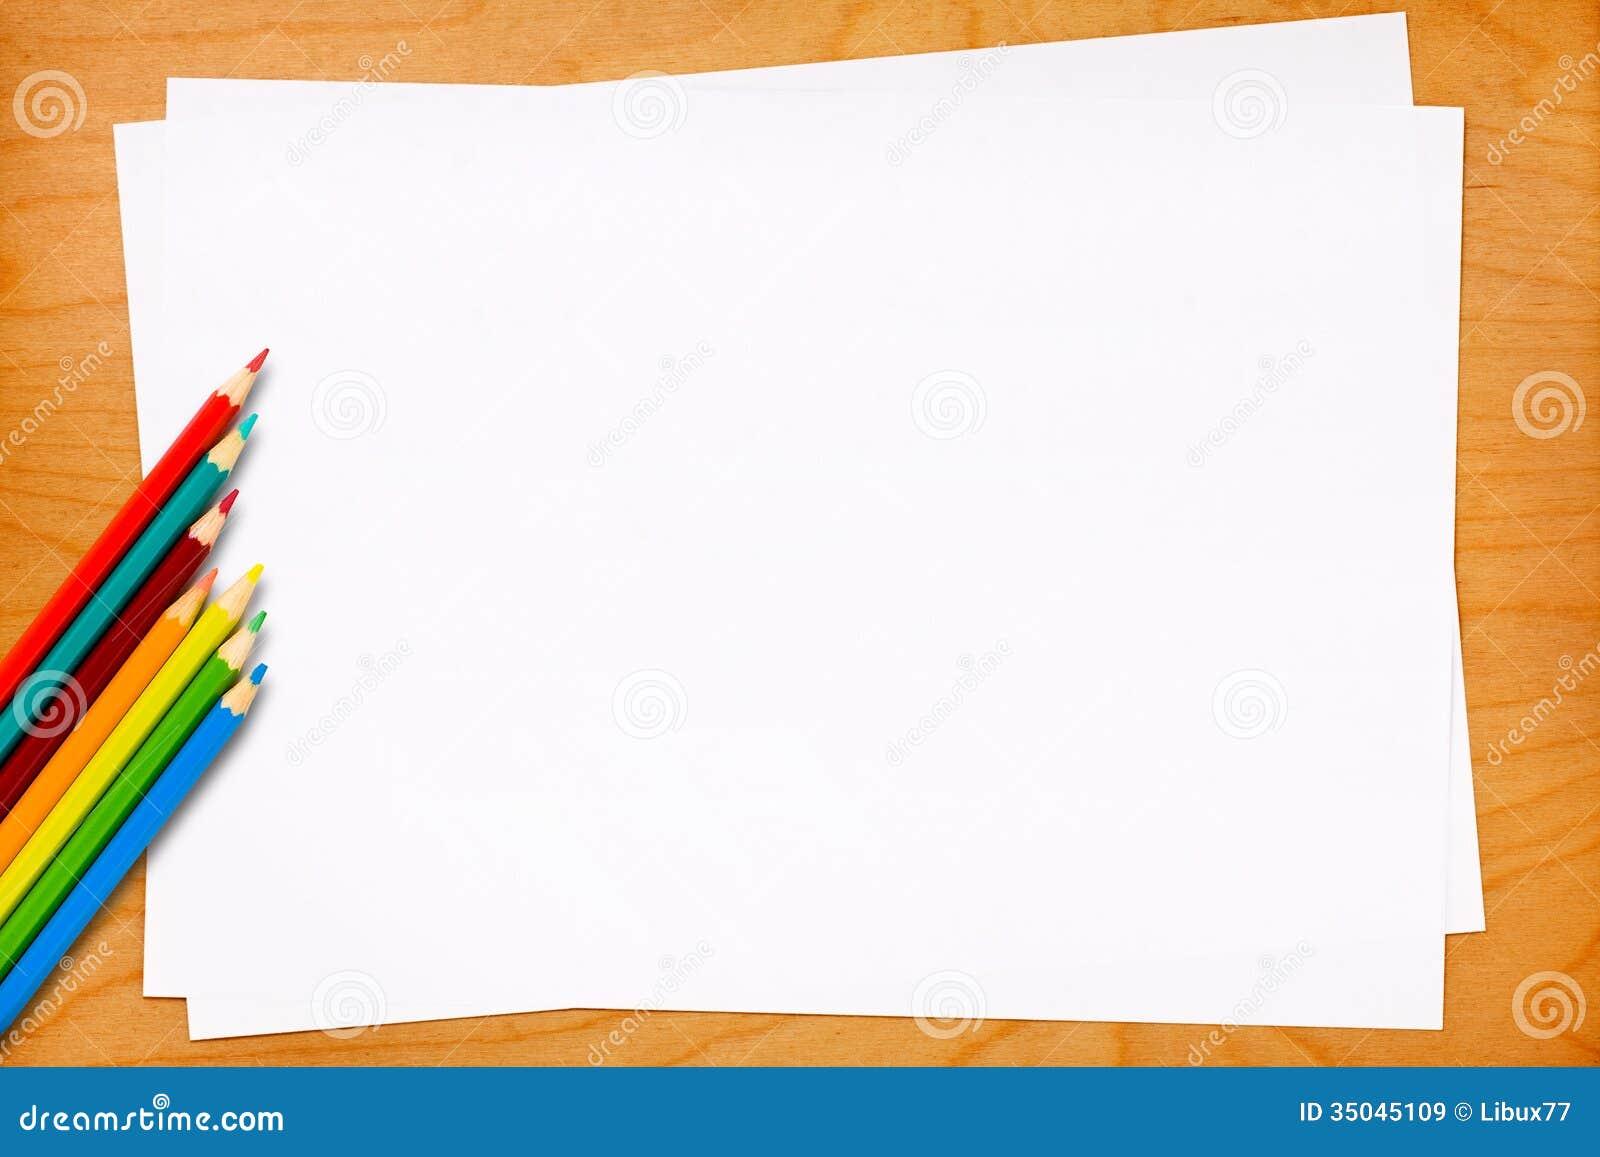 Pustego papieru prześcieradła z Barwionymi ołówkami